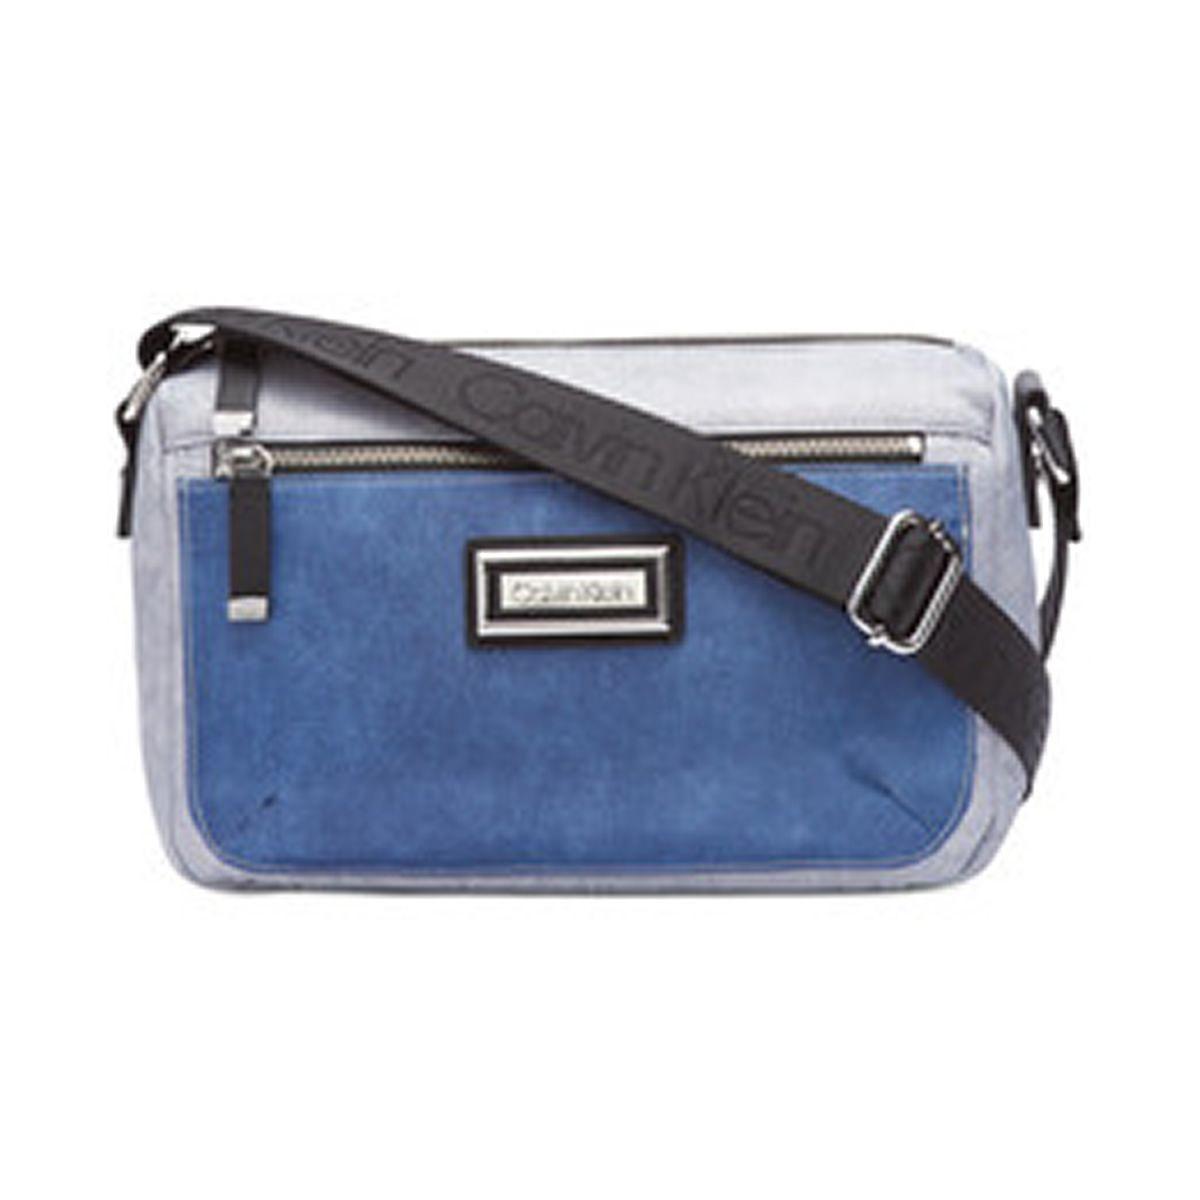 be26f361a Calvin Klein Handbags & Bags - Macy's